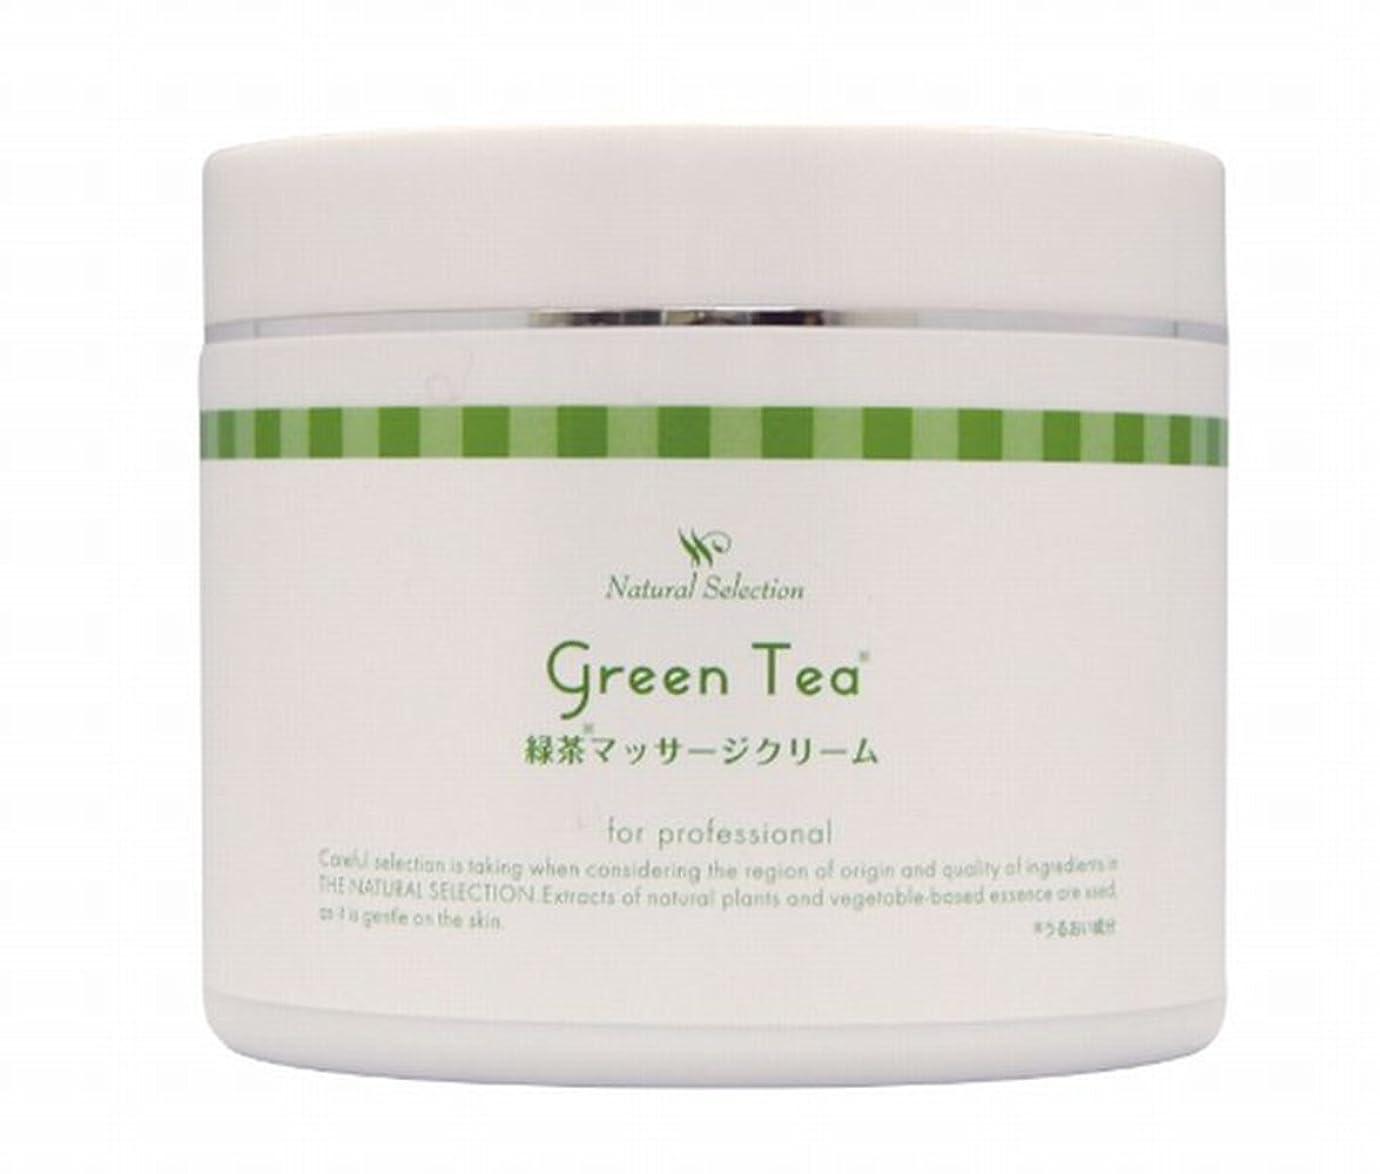 晩餐早いオーバーヘッド緑茶マッサージクリーム(450g)【フットマッサージ】足もみクリーム 2個セット